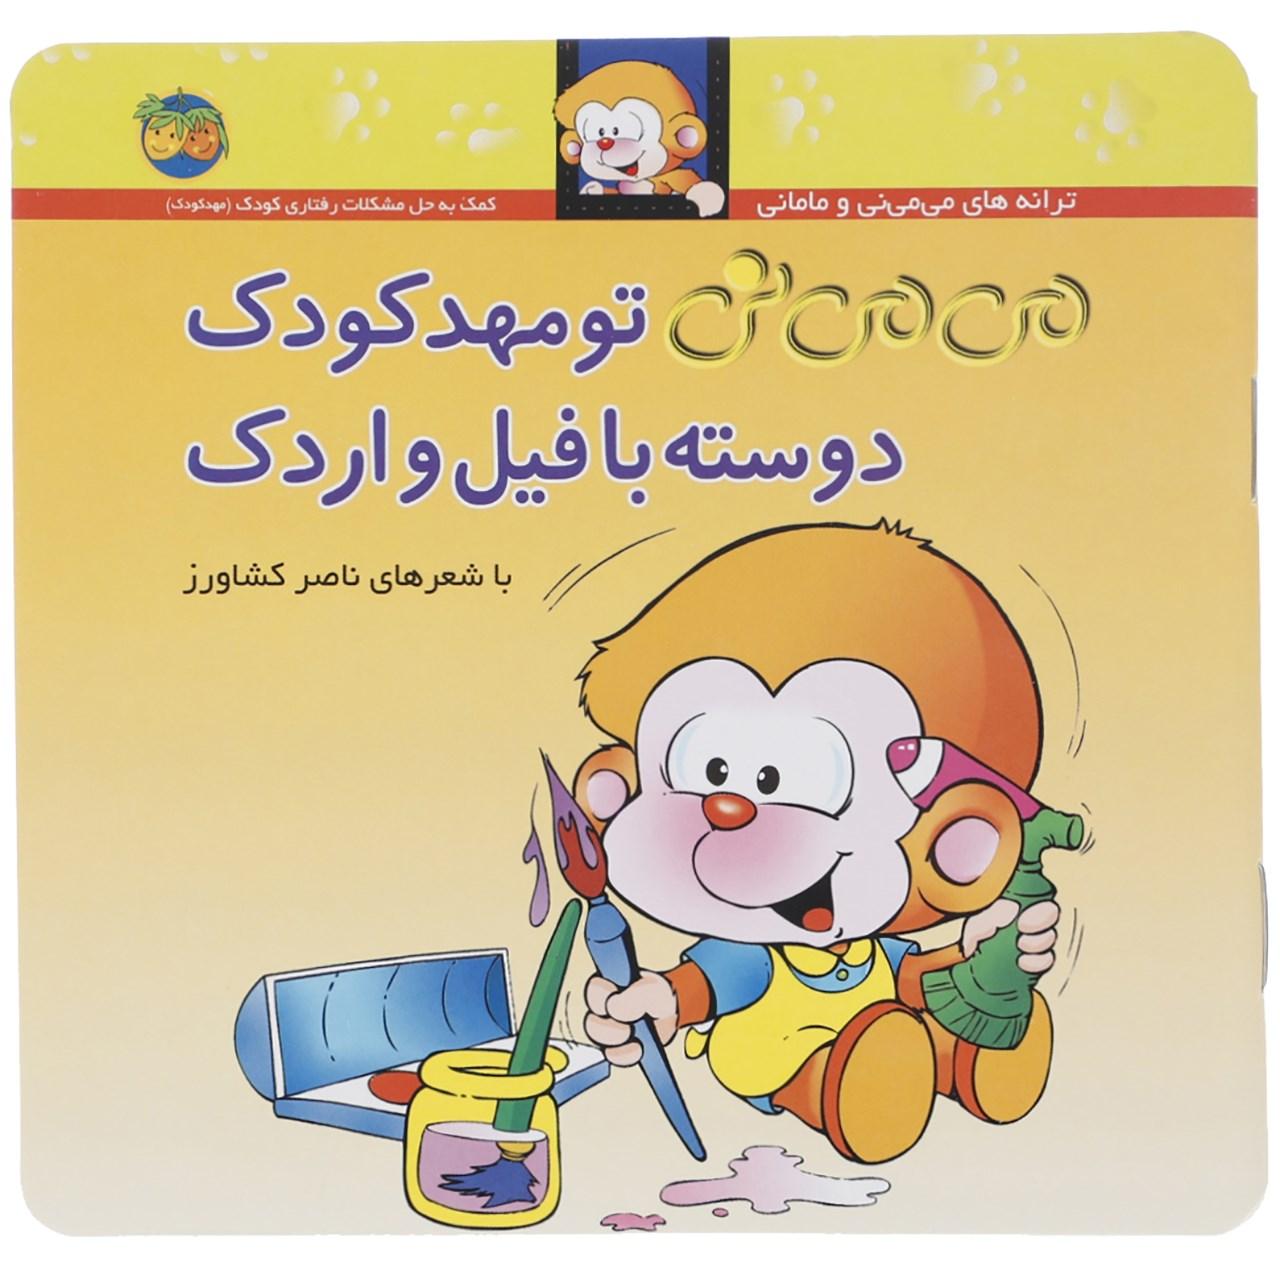 کتاب می می نی تو مهد کودک دوسته با فیل و اردک اثر ناصر کشاورز